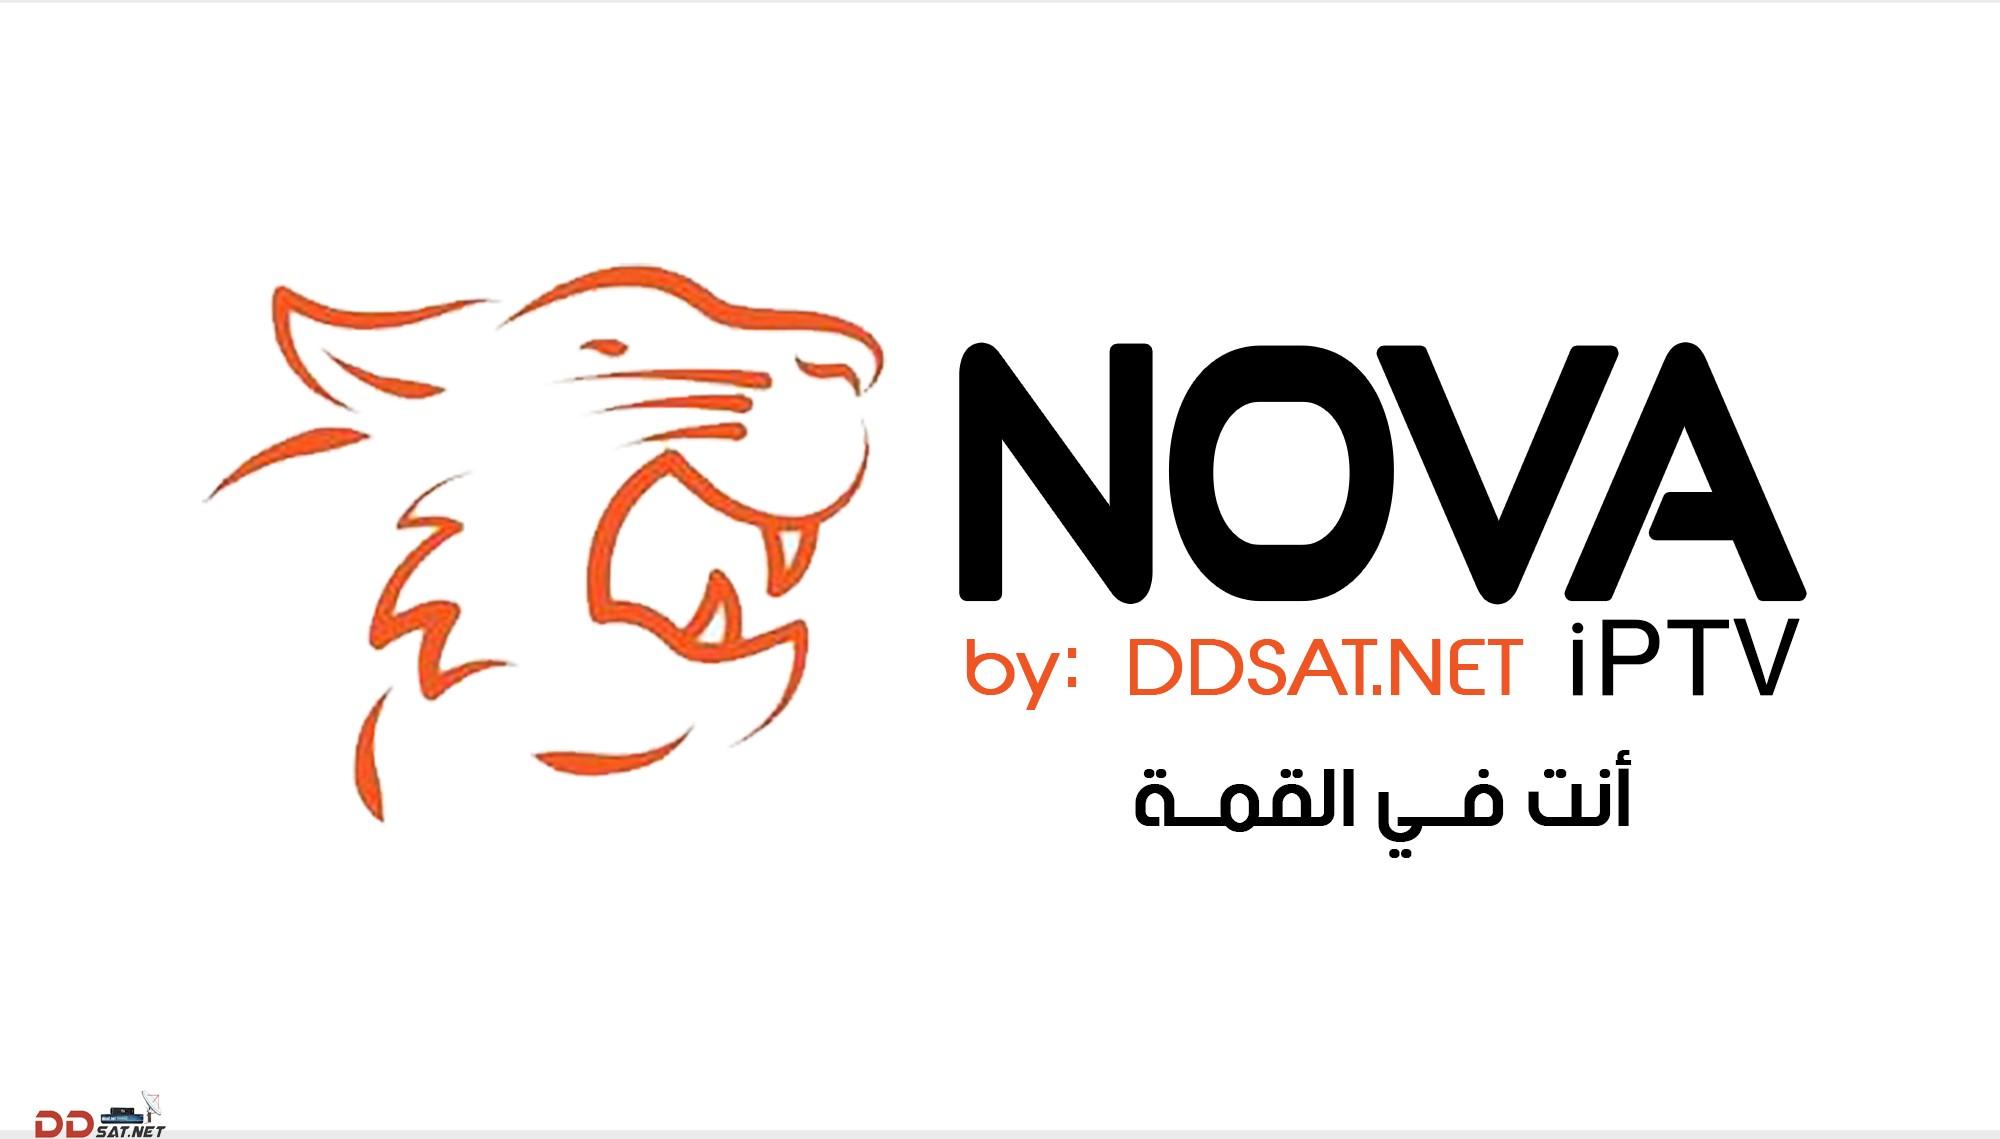 تم اضافة خدمة جديدة NOVA IPTV